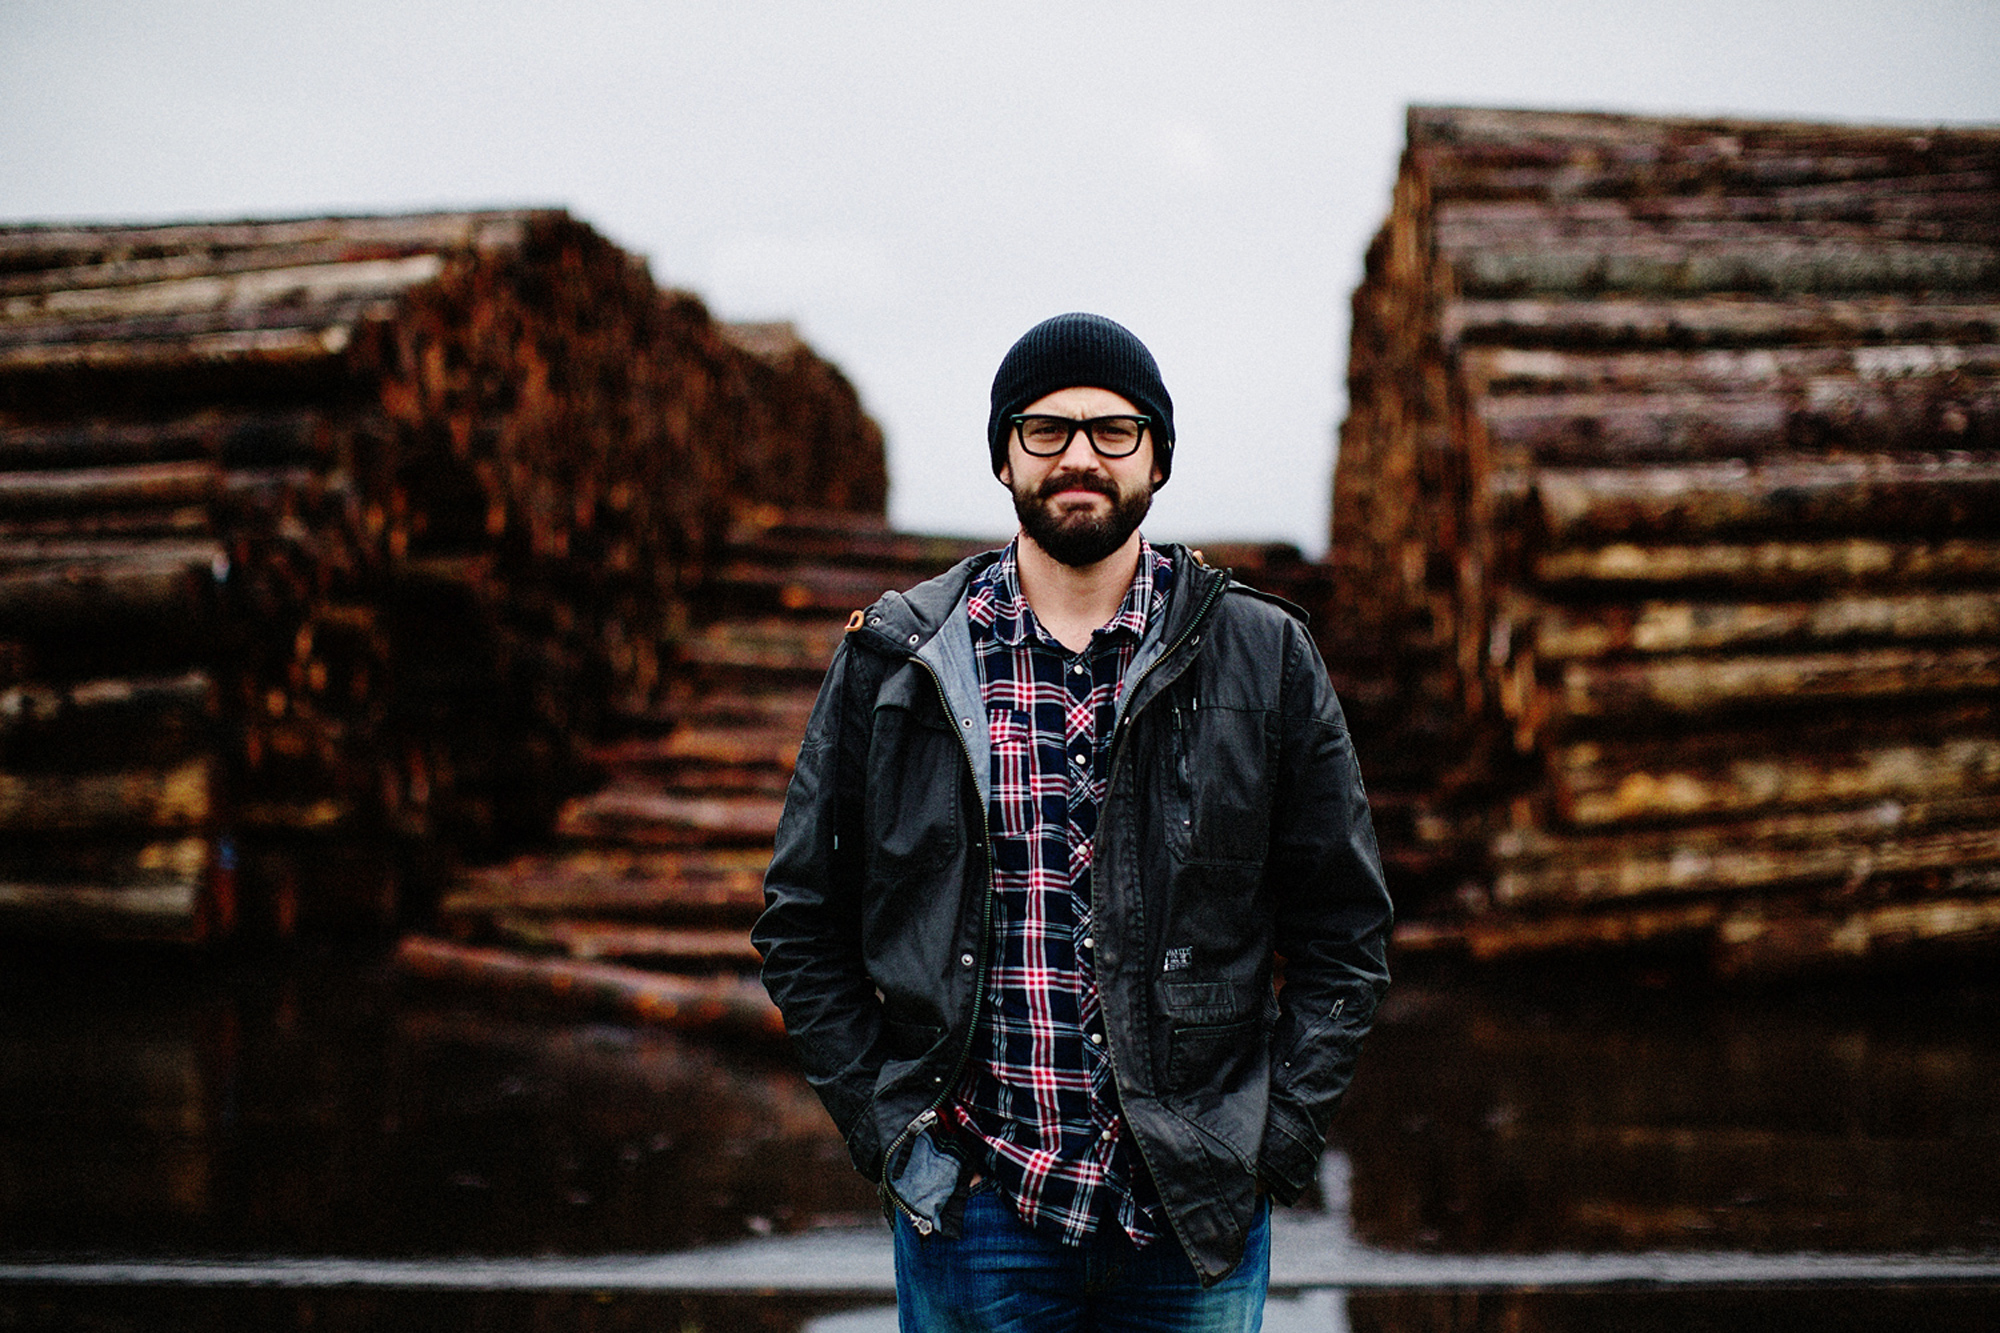 011-lumberjack.jpg